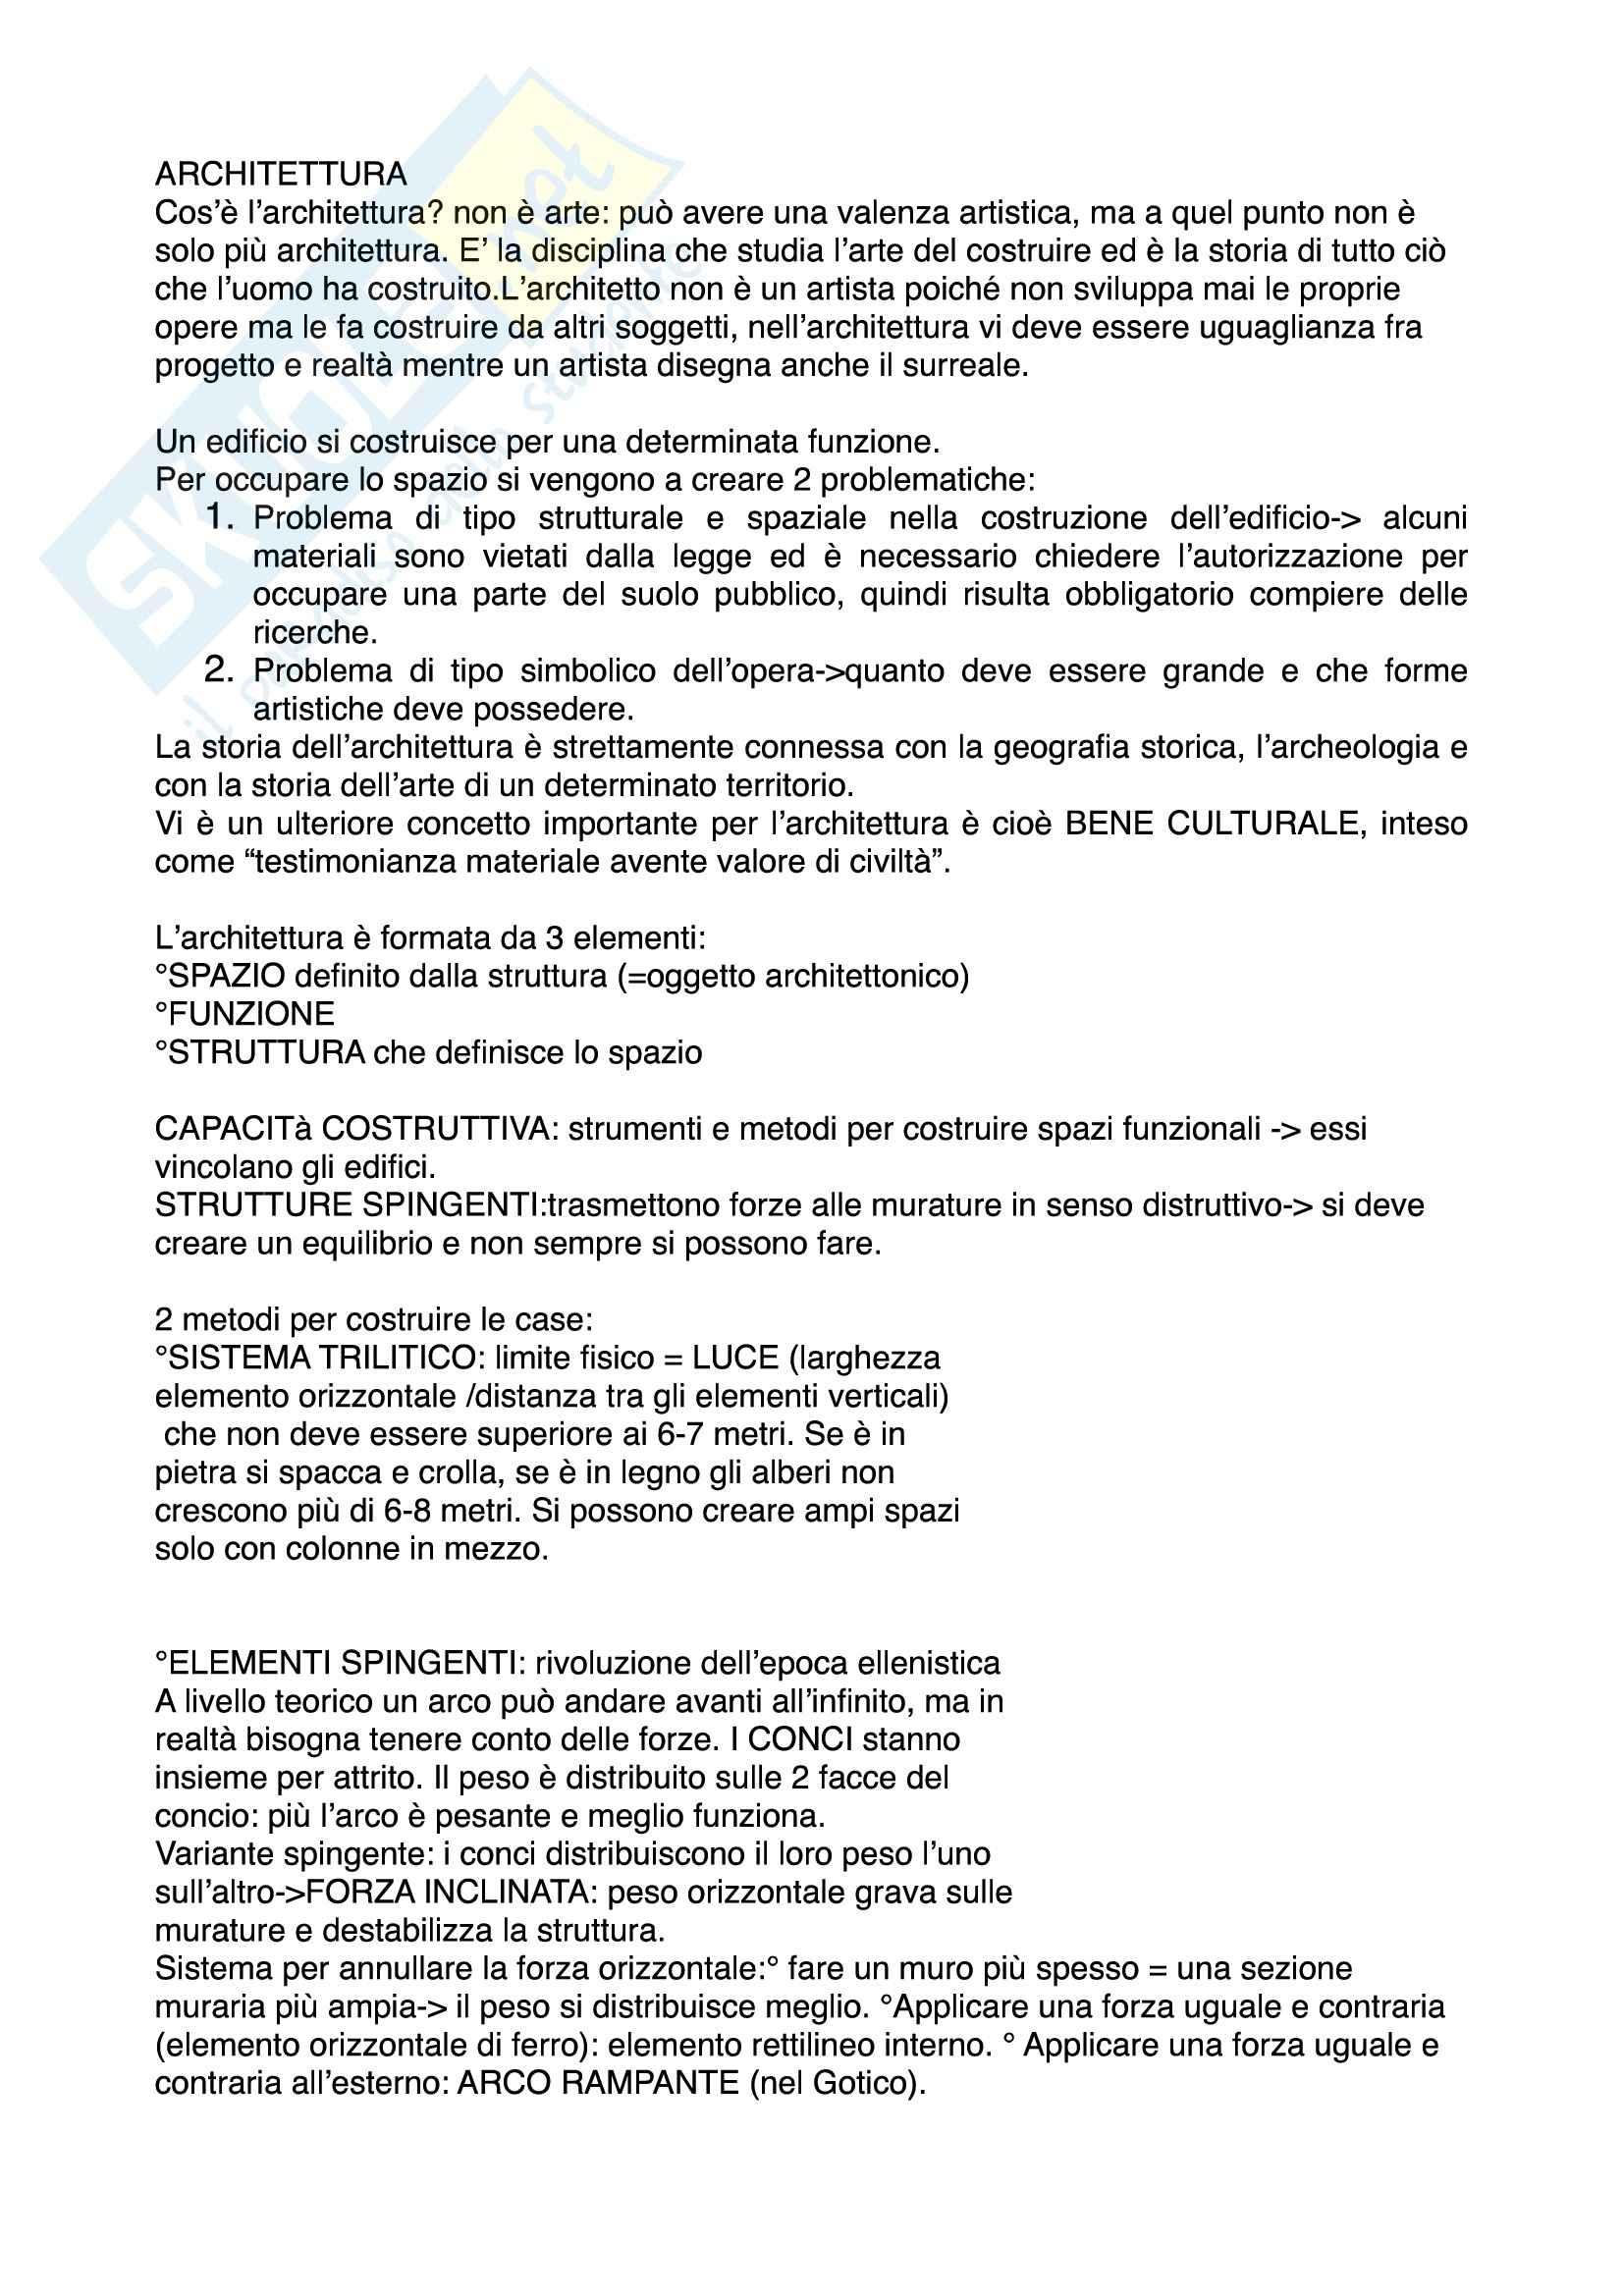 Storia dell'architettura e dei itinerari turistici - Riassunto esame, prof. Lusso